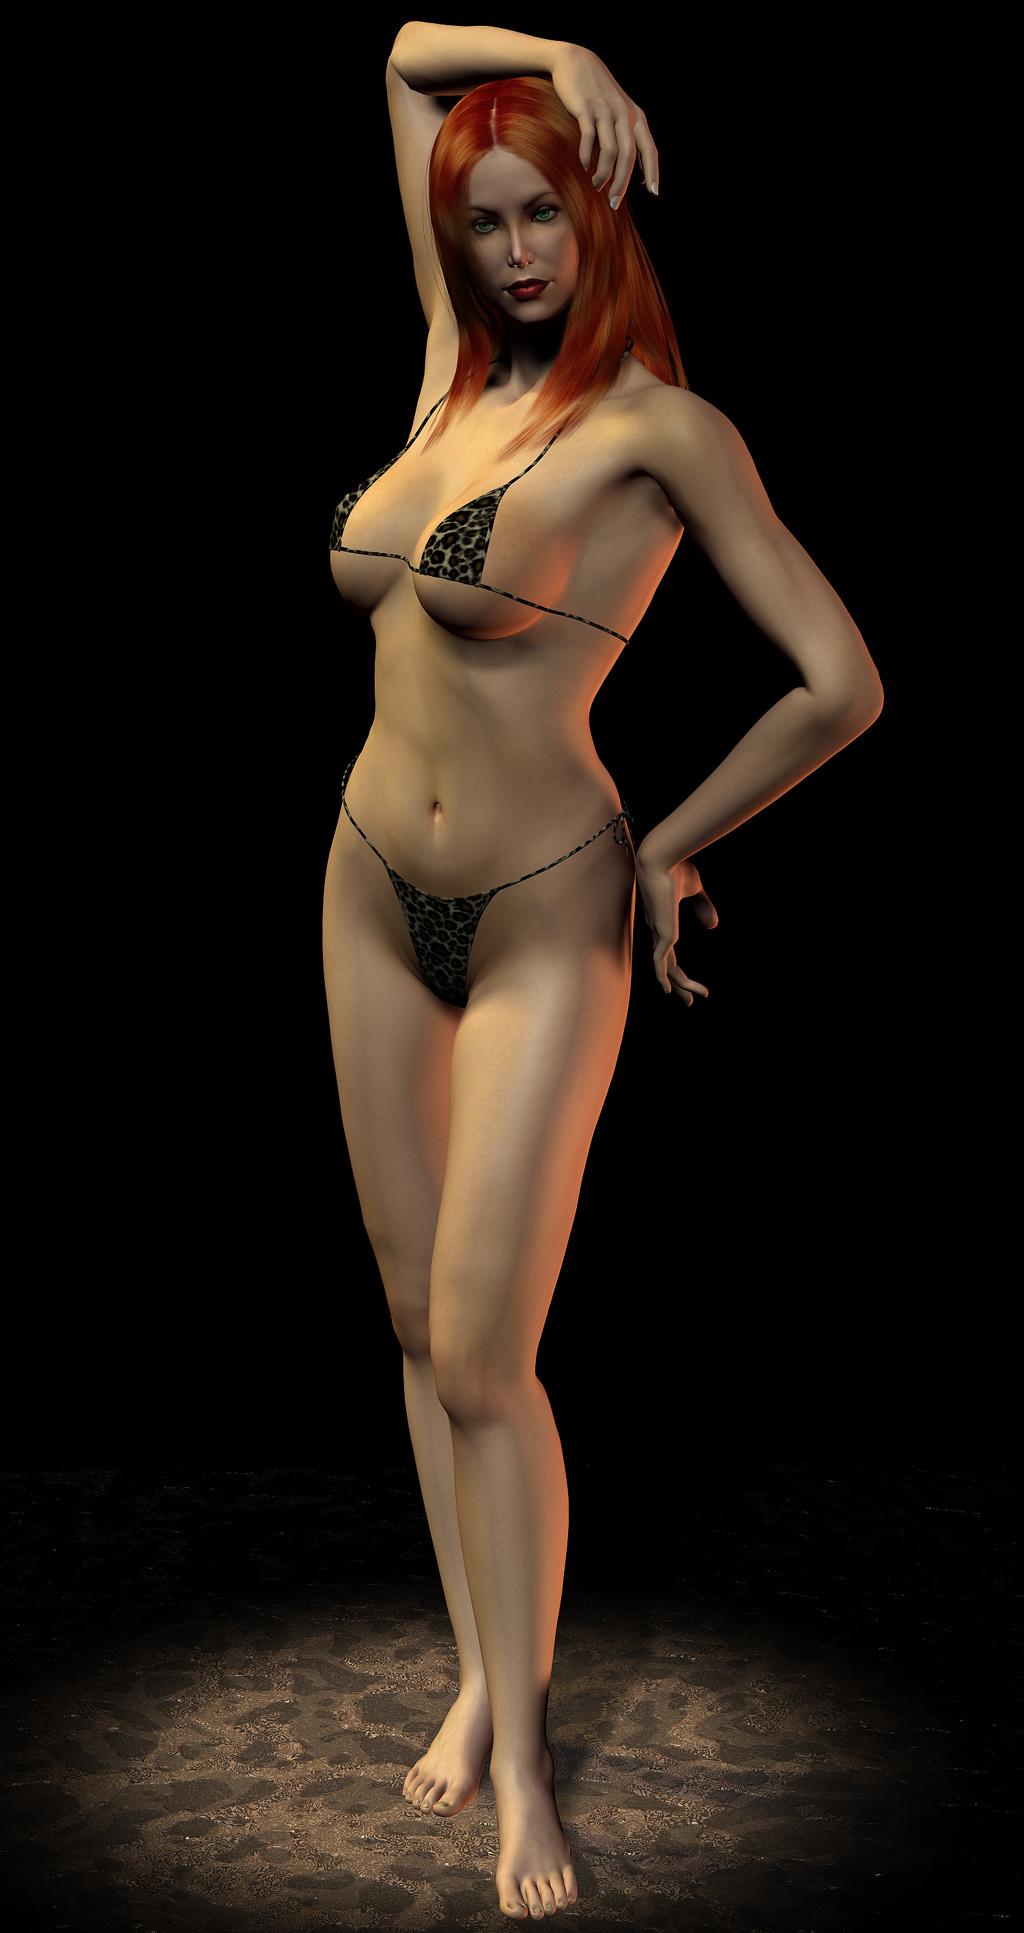 Mara elf skywalker nude nackt scene